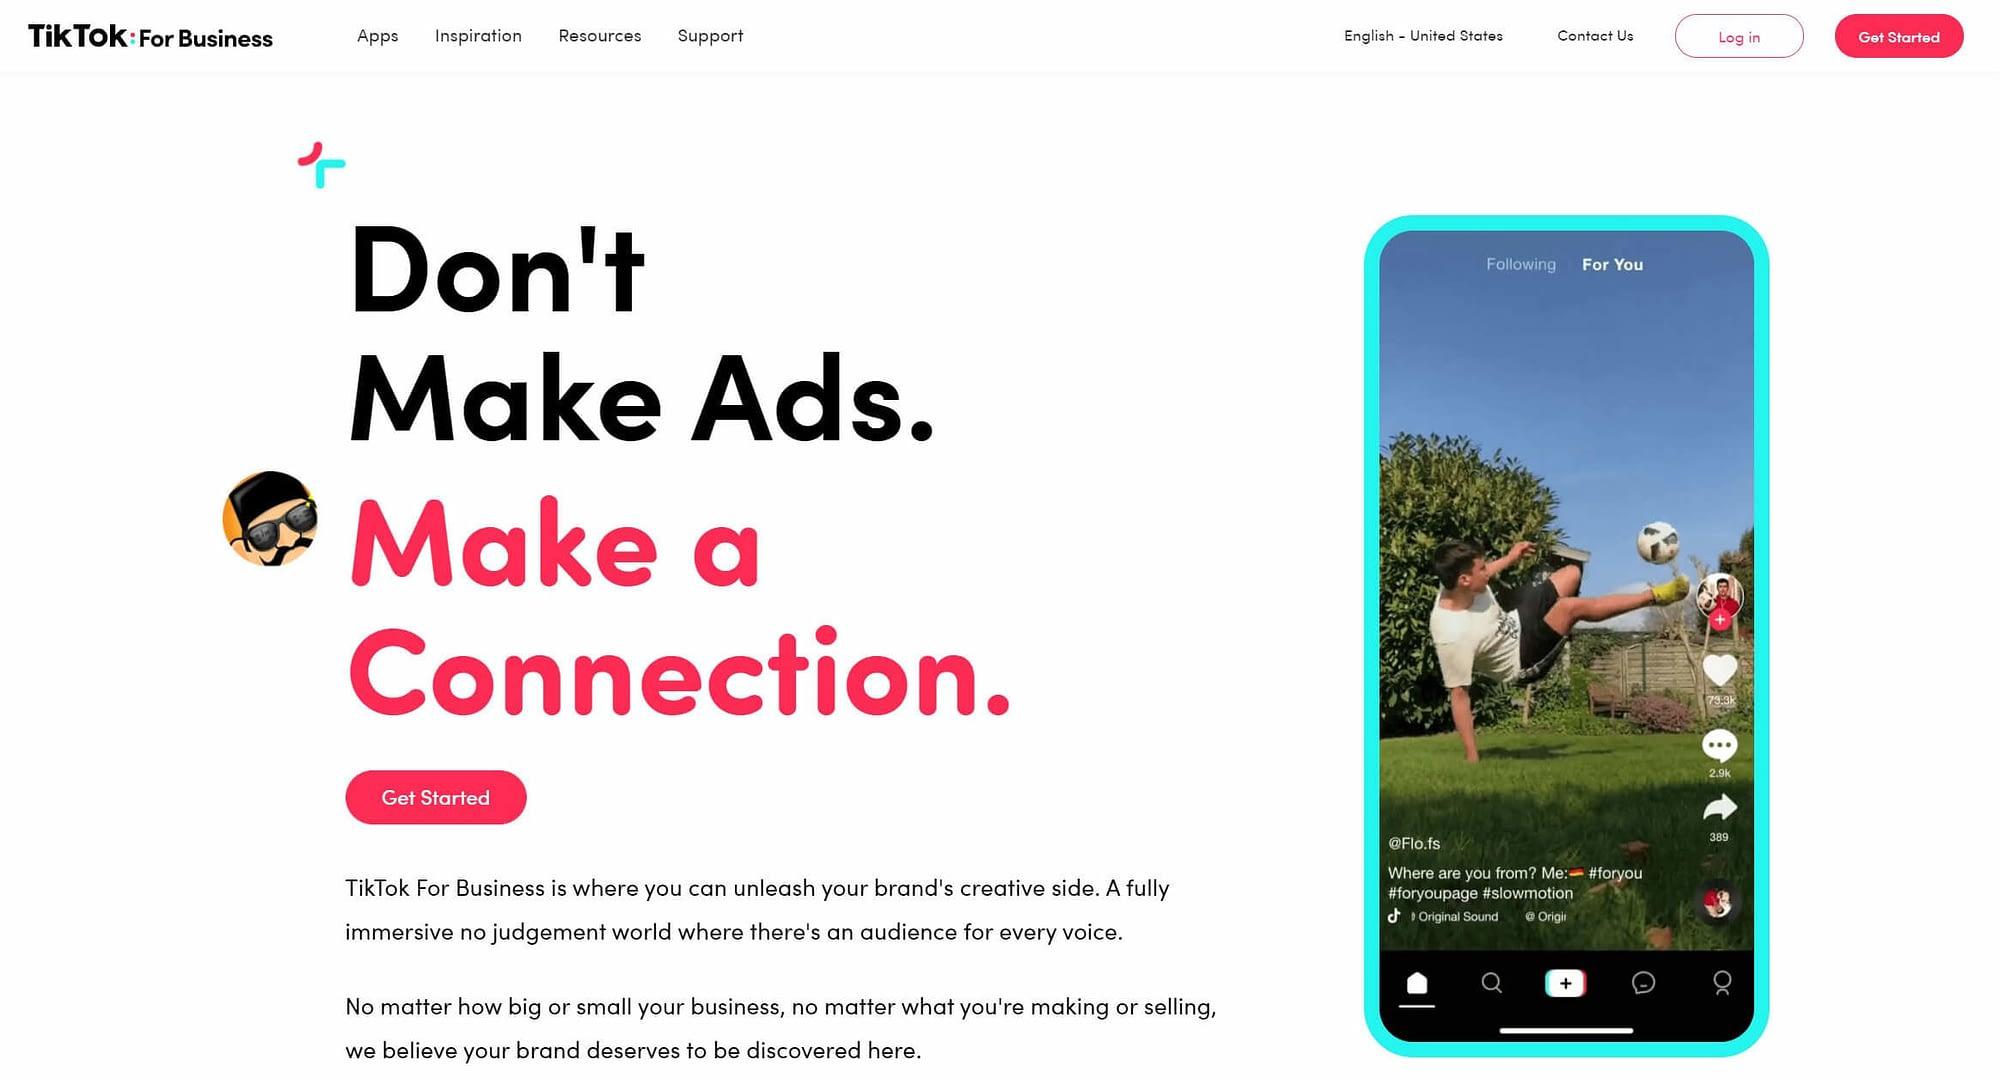 The TikTok for Business ads platform.